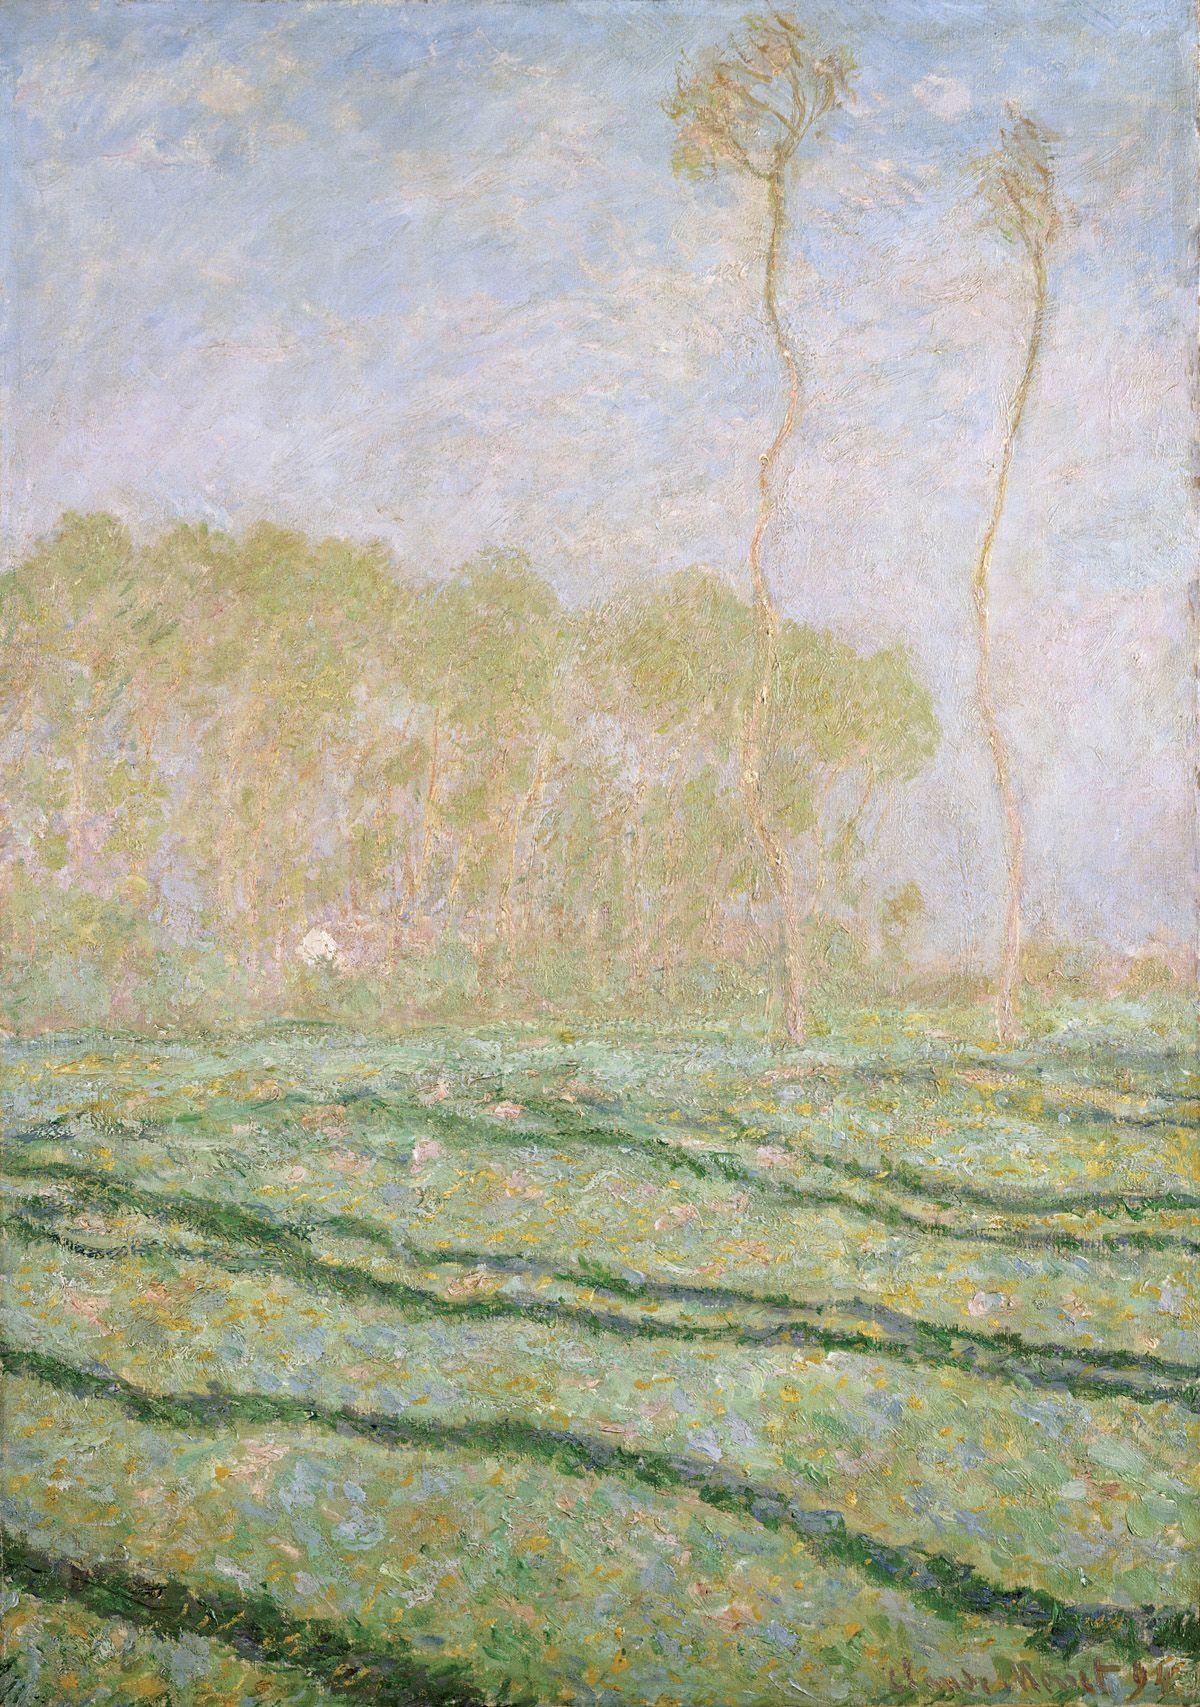 Claude Monet Paysage De Printemps A Giverny Huile Sur Toile 30 5 X 45 7 Cm 1894 Collection Privee Dans Correspondances Impressionismus Malerei Olmalerei